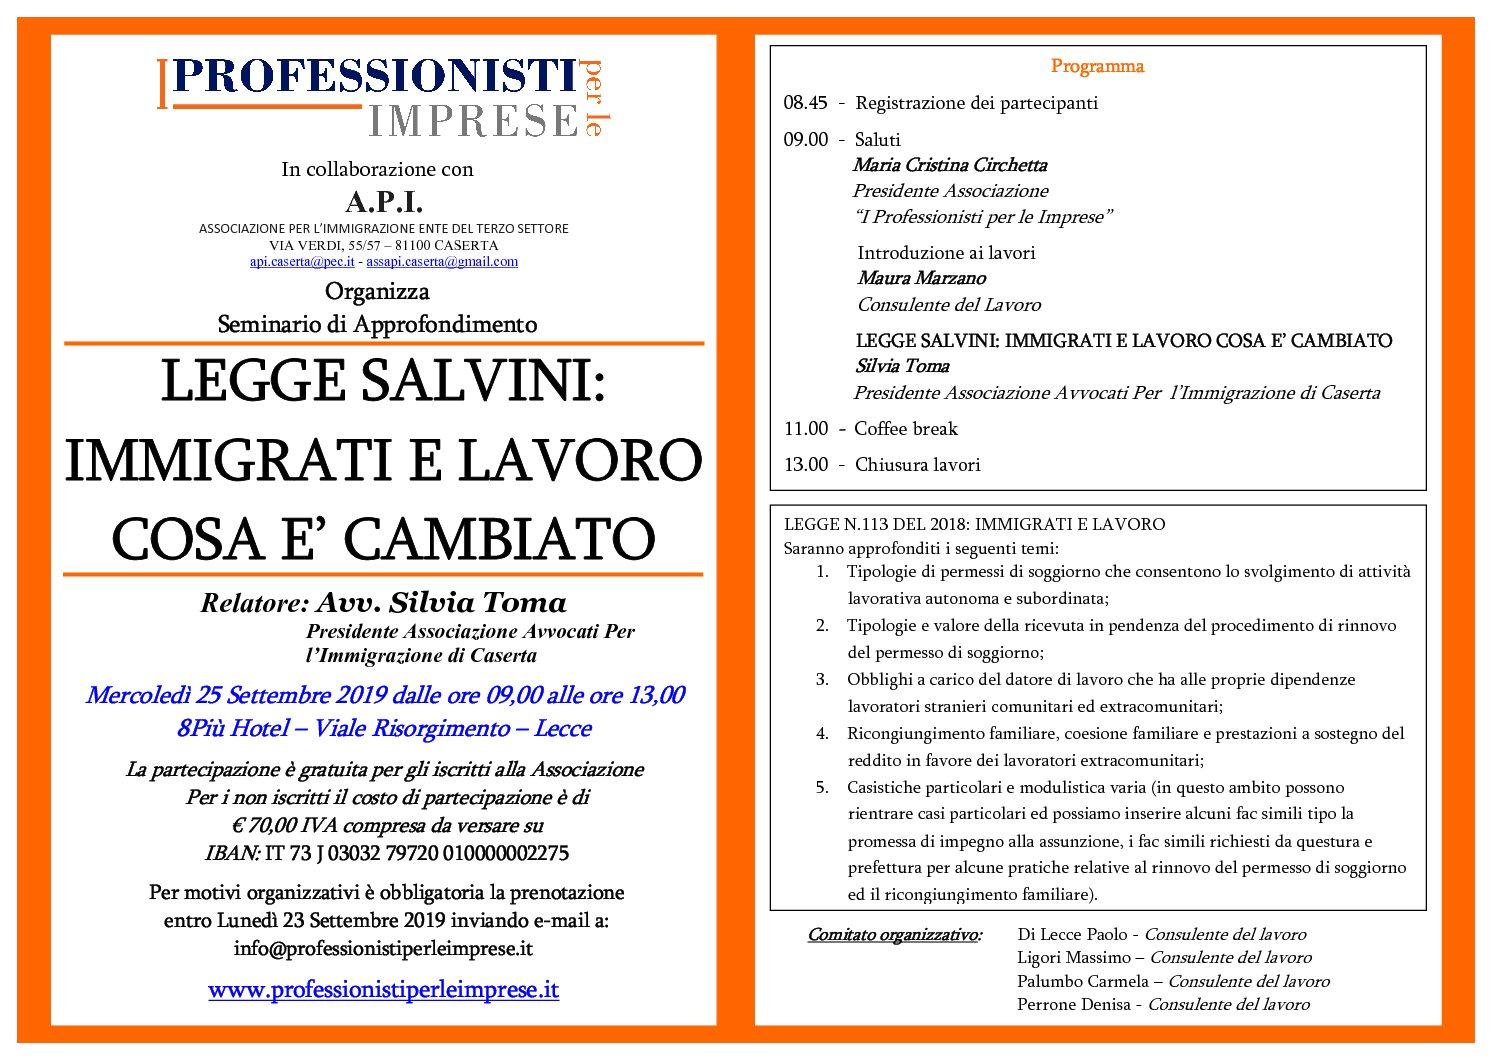 Legge Salvini: Immigrati e Lavoro Cosa è Cambiato – Mercoledì 25 settembre 2019